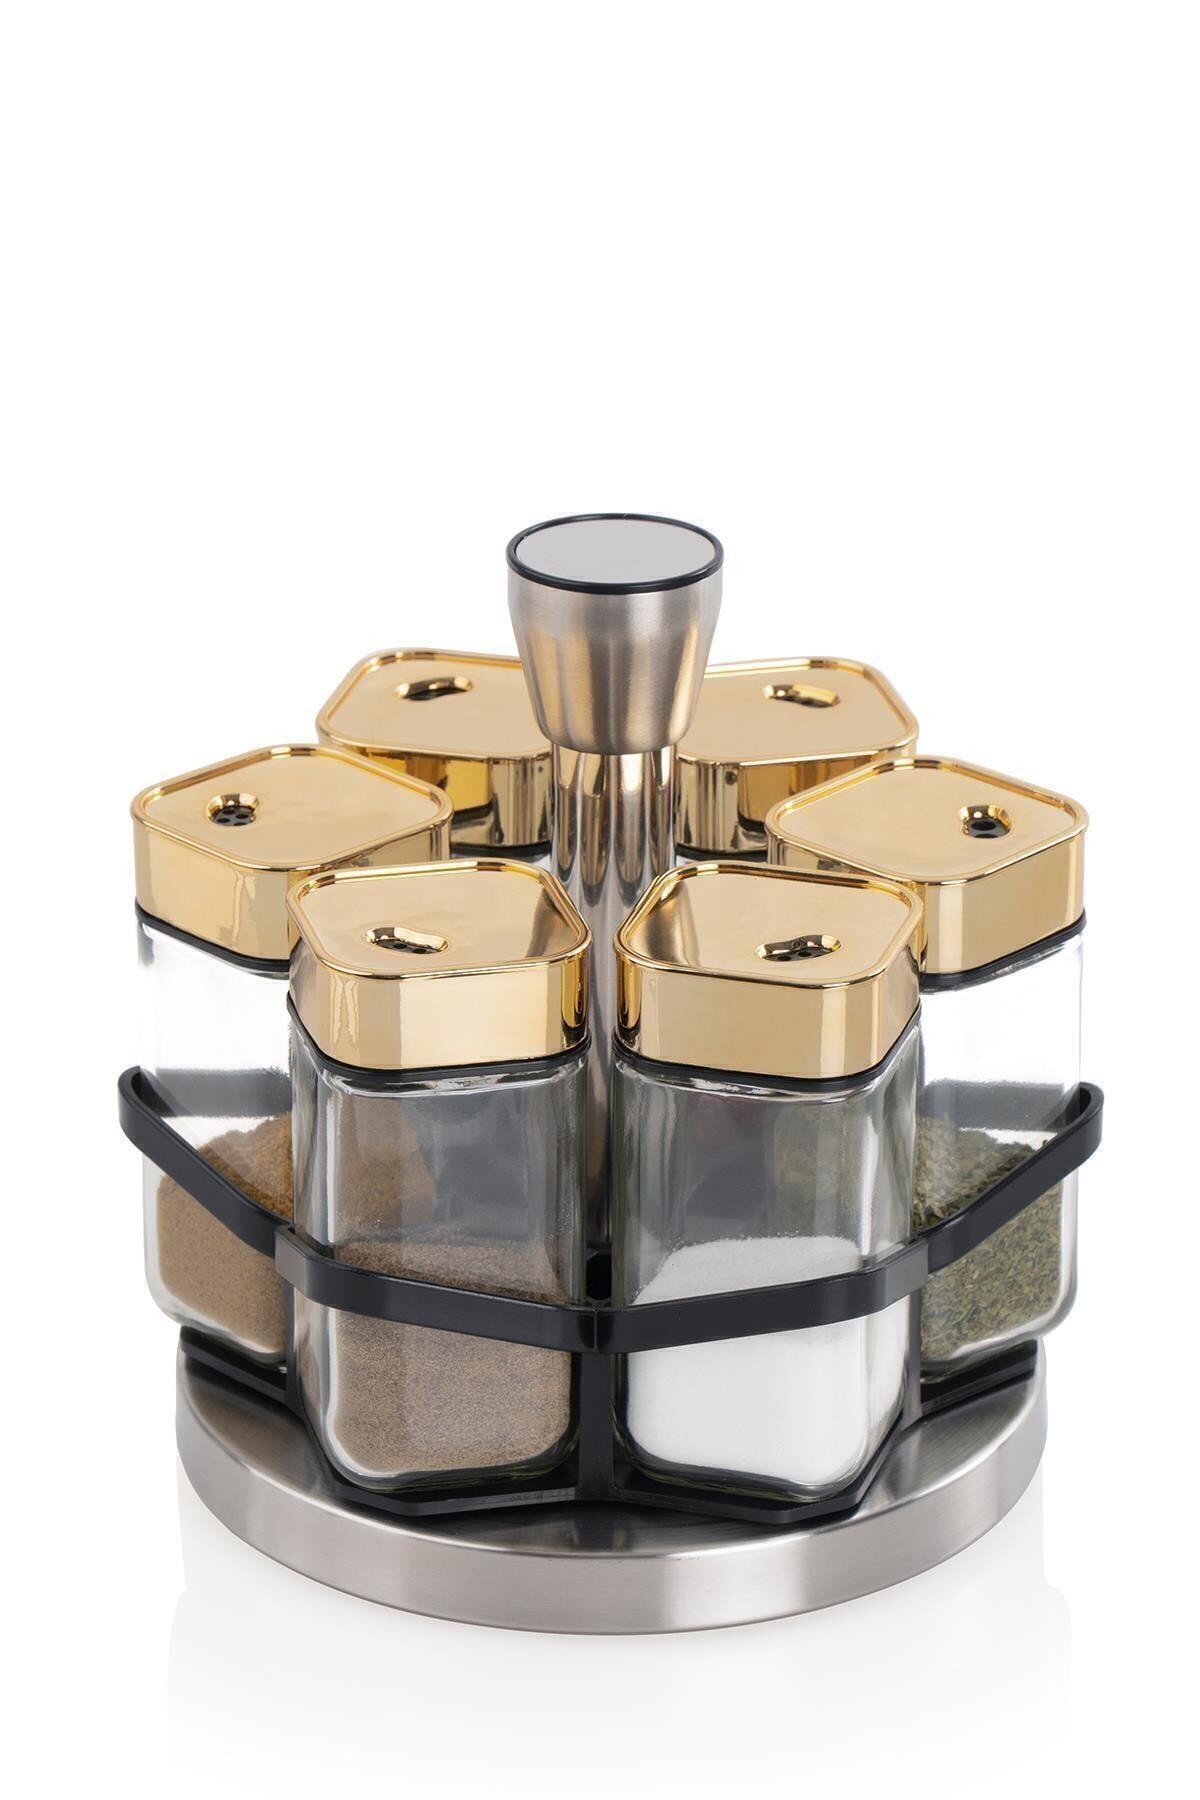 Alya 6'lı Yuvarlak Döner Metal Standlı Cam Baharat Takımı Gold 011117